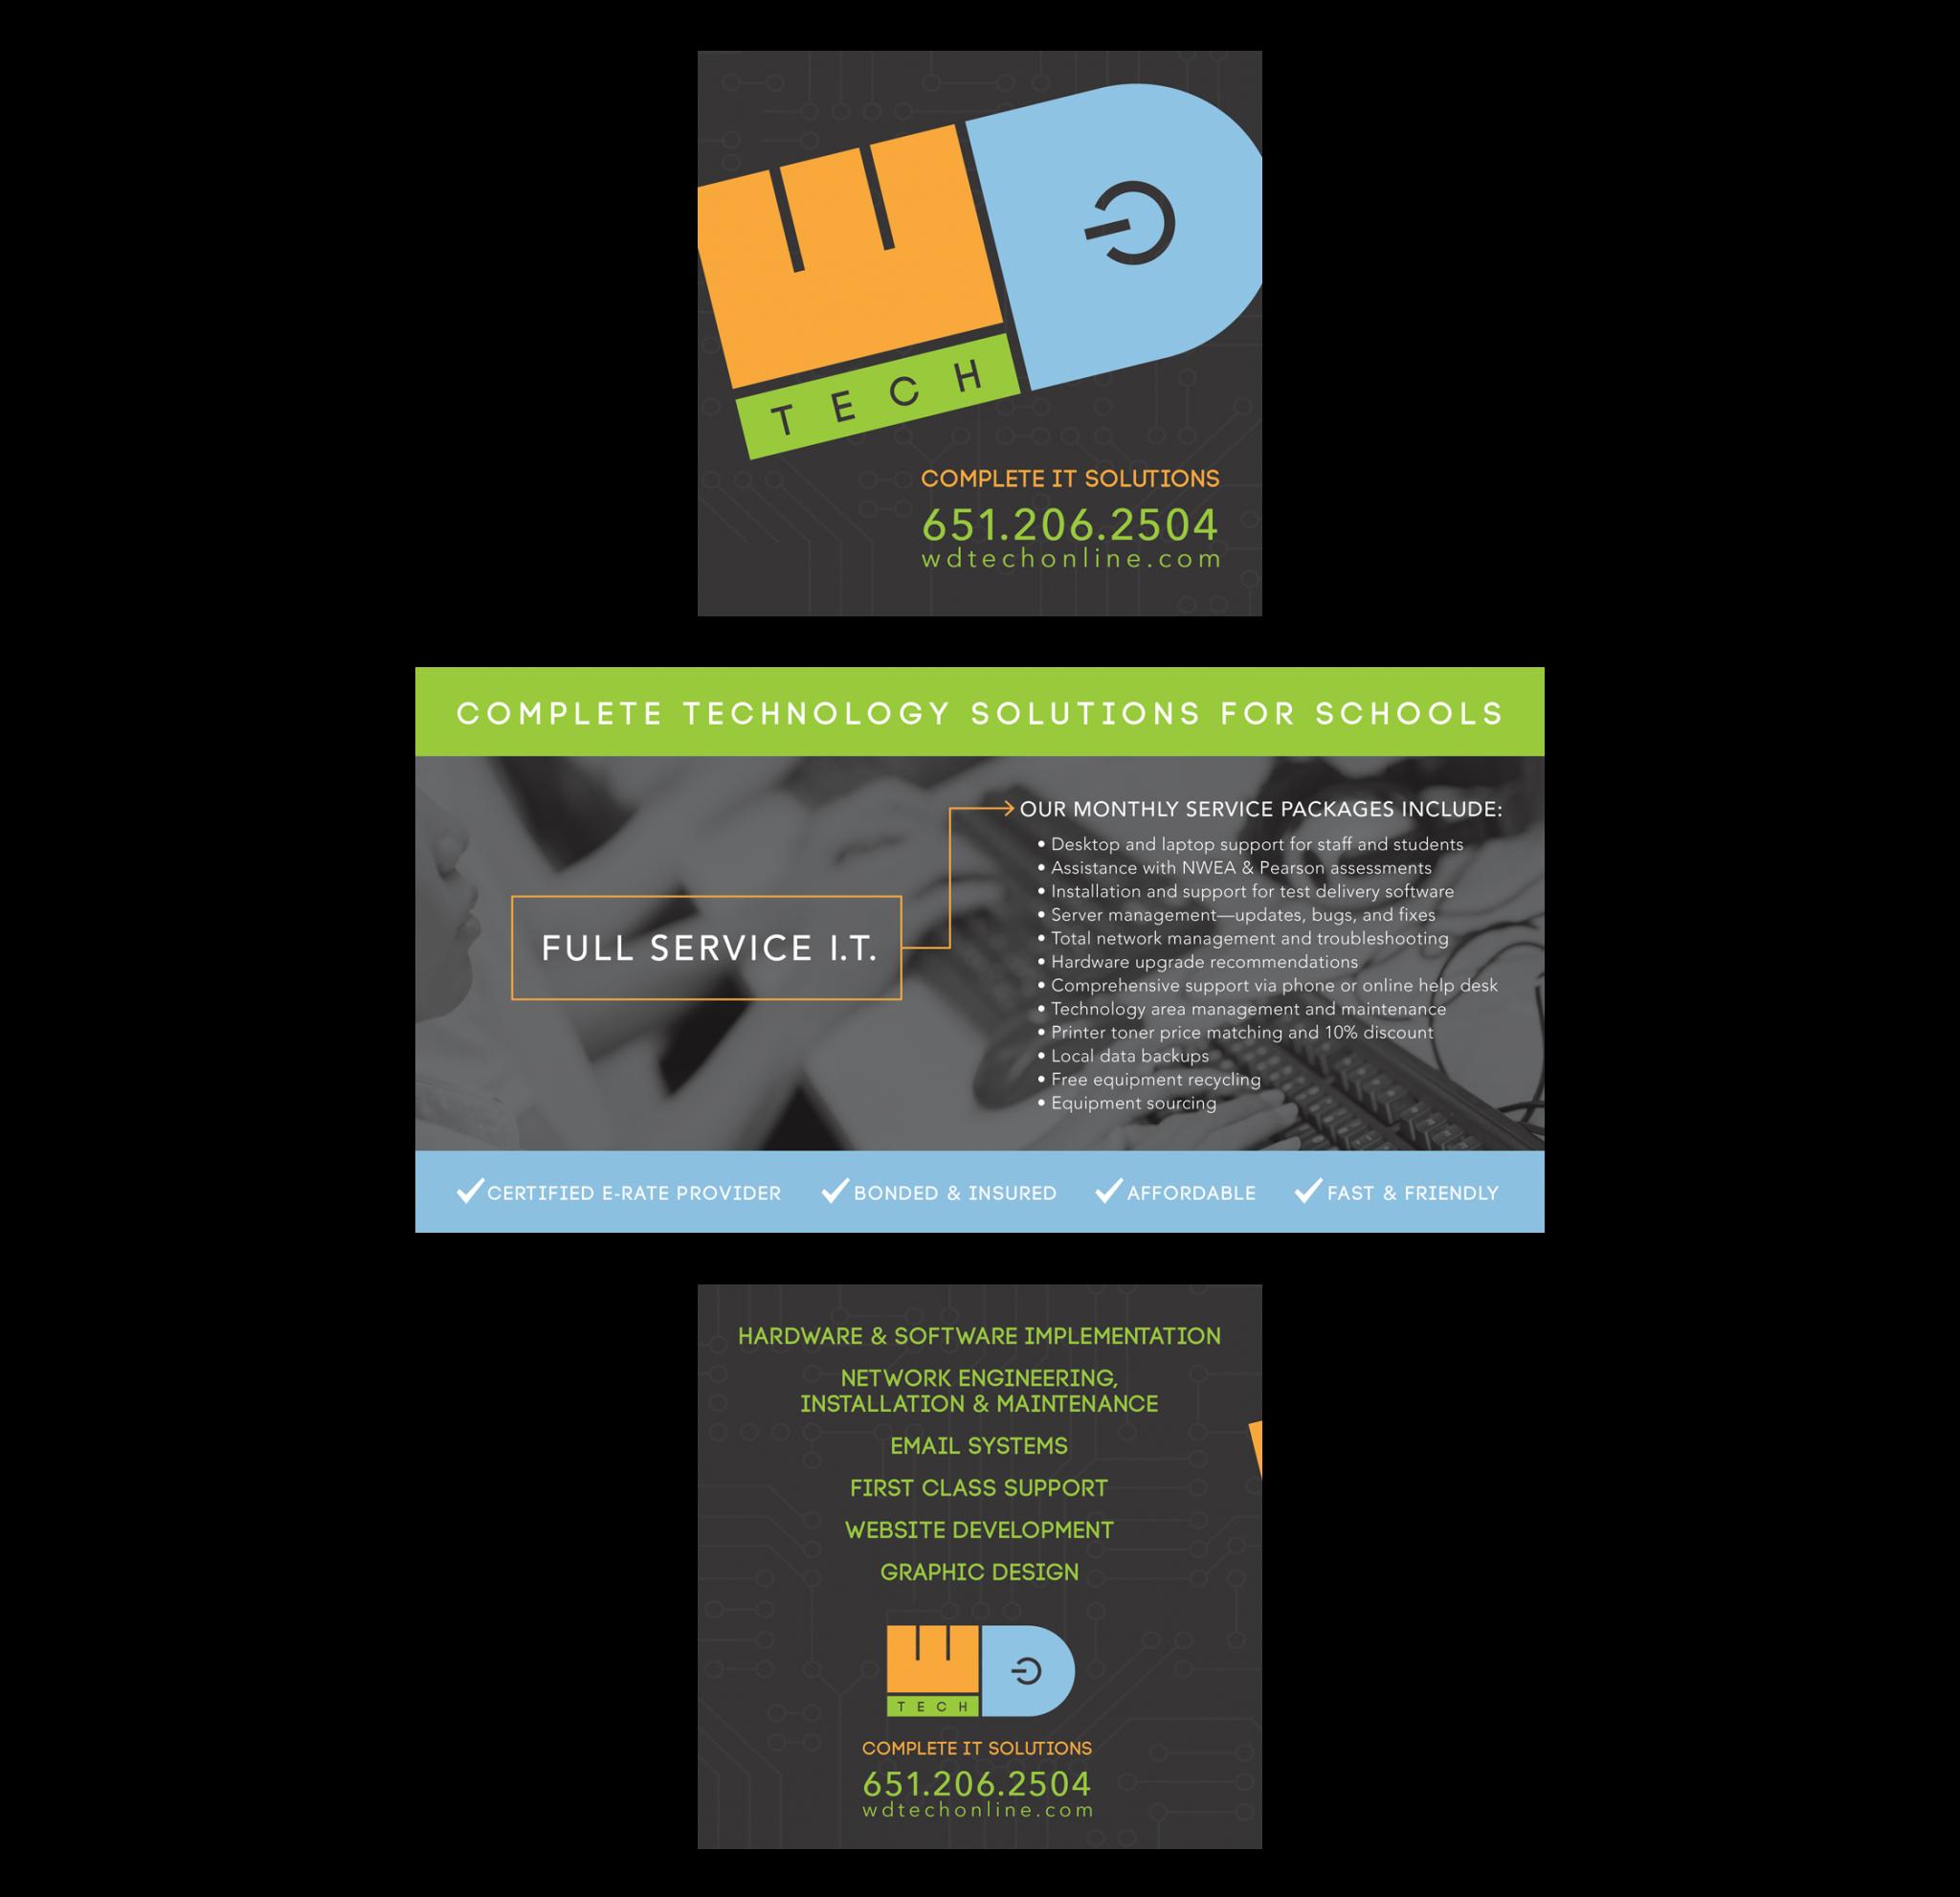 WD-Tech-Brochure